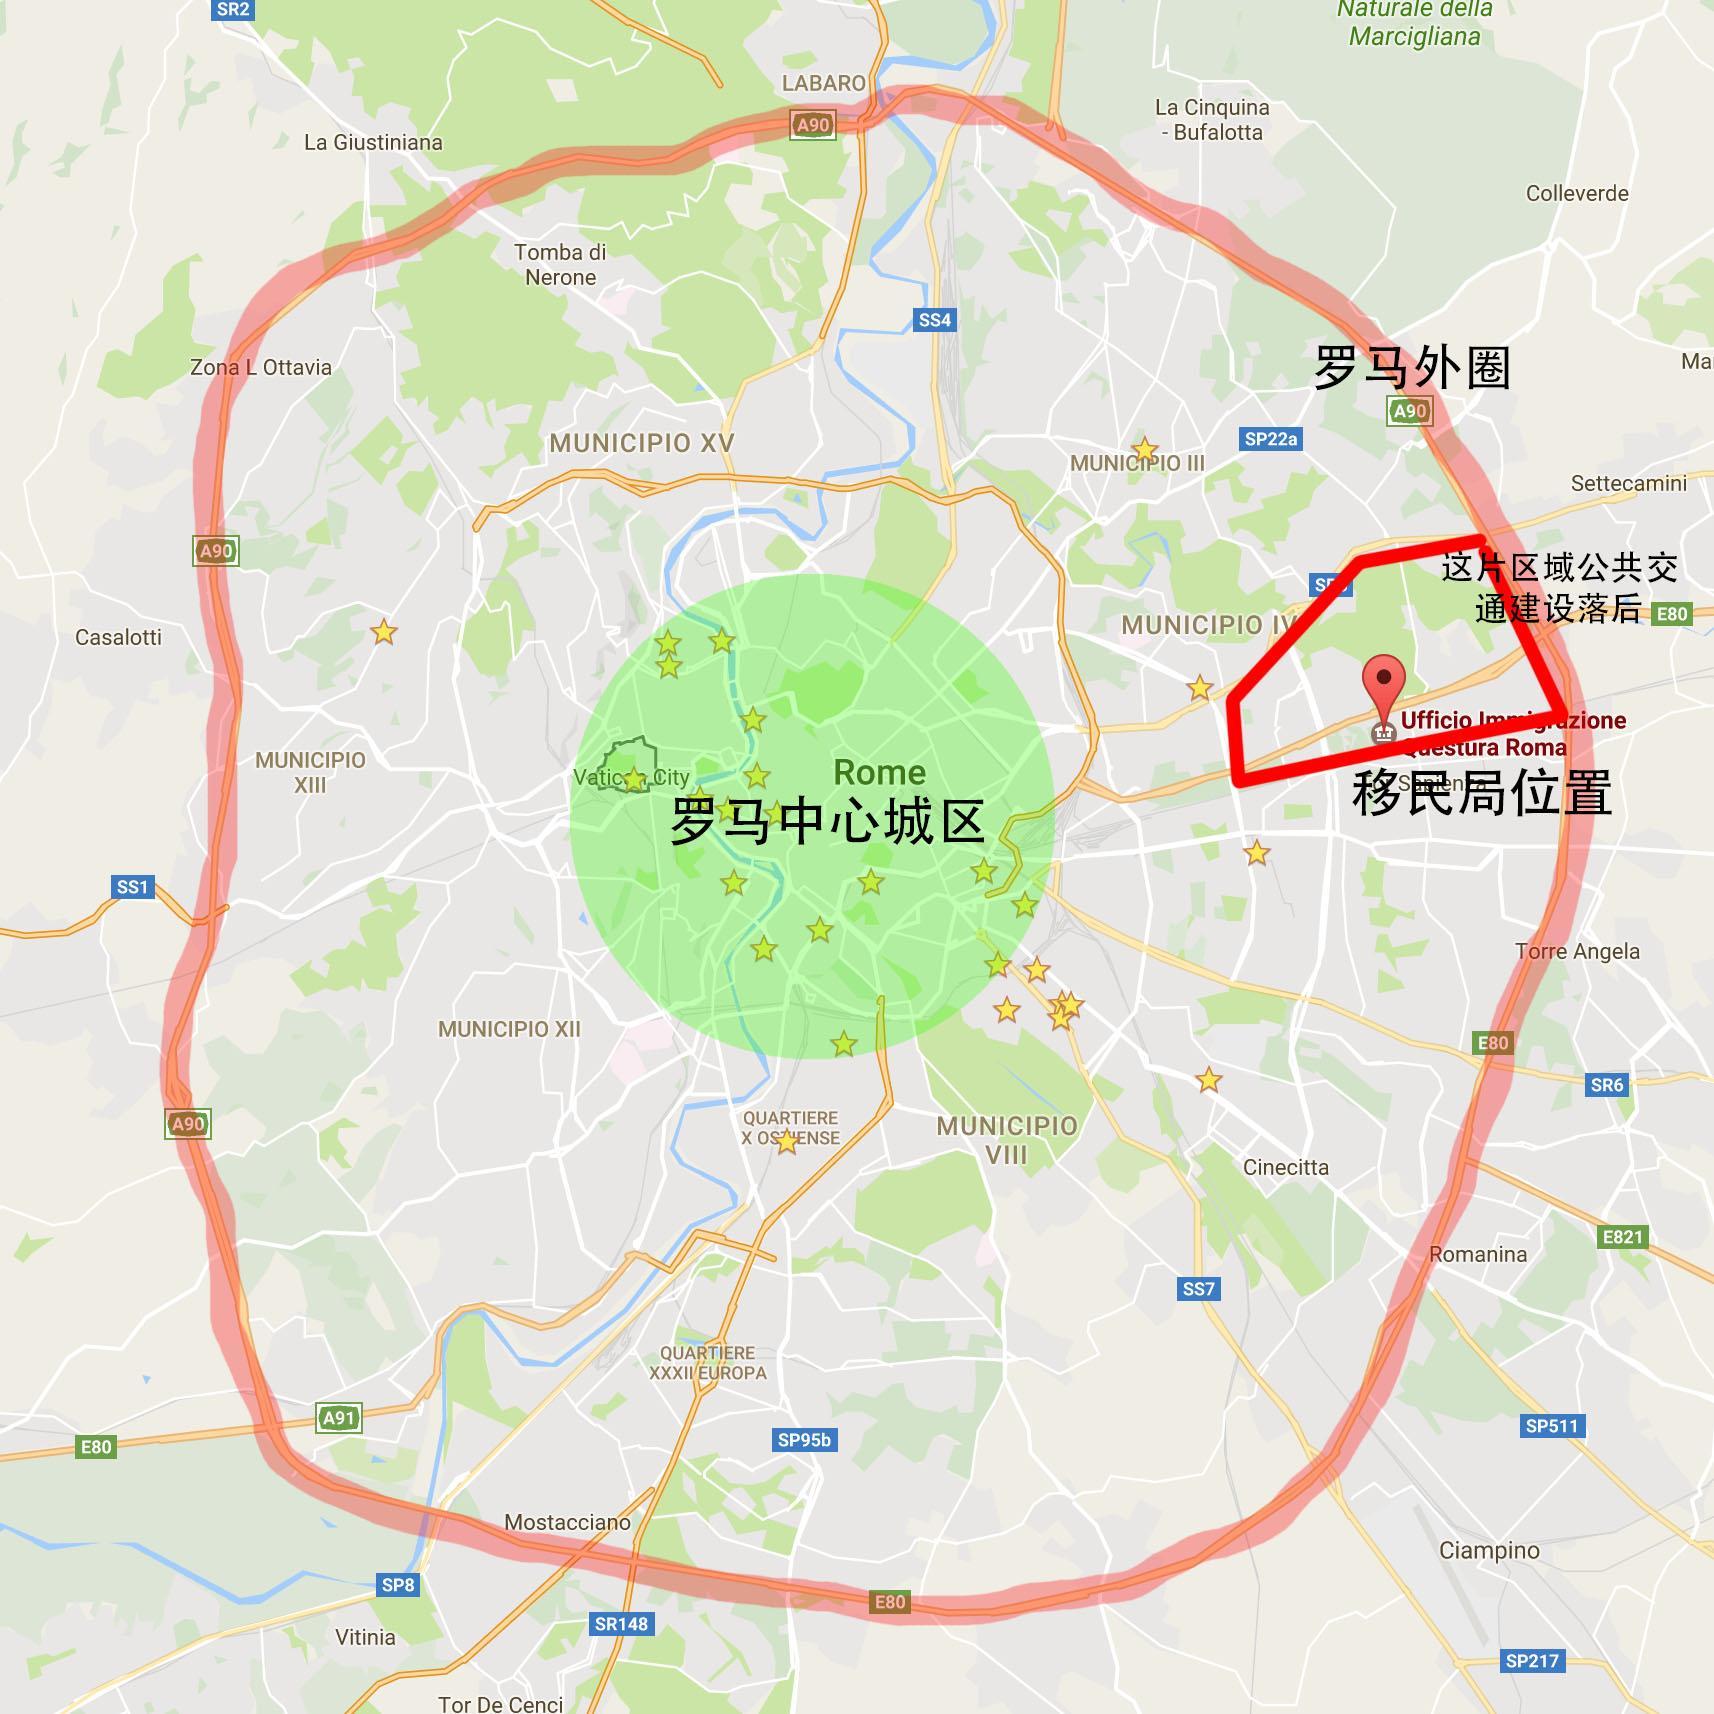 罗马 中国/罗马移民局在罗马外圈附近,并且这一区域内的公共交通建设十分...